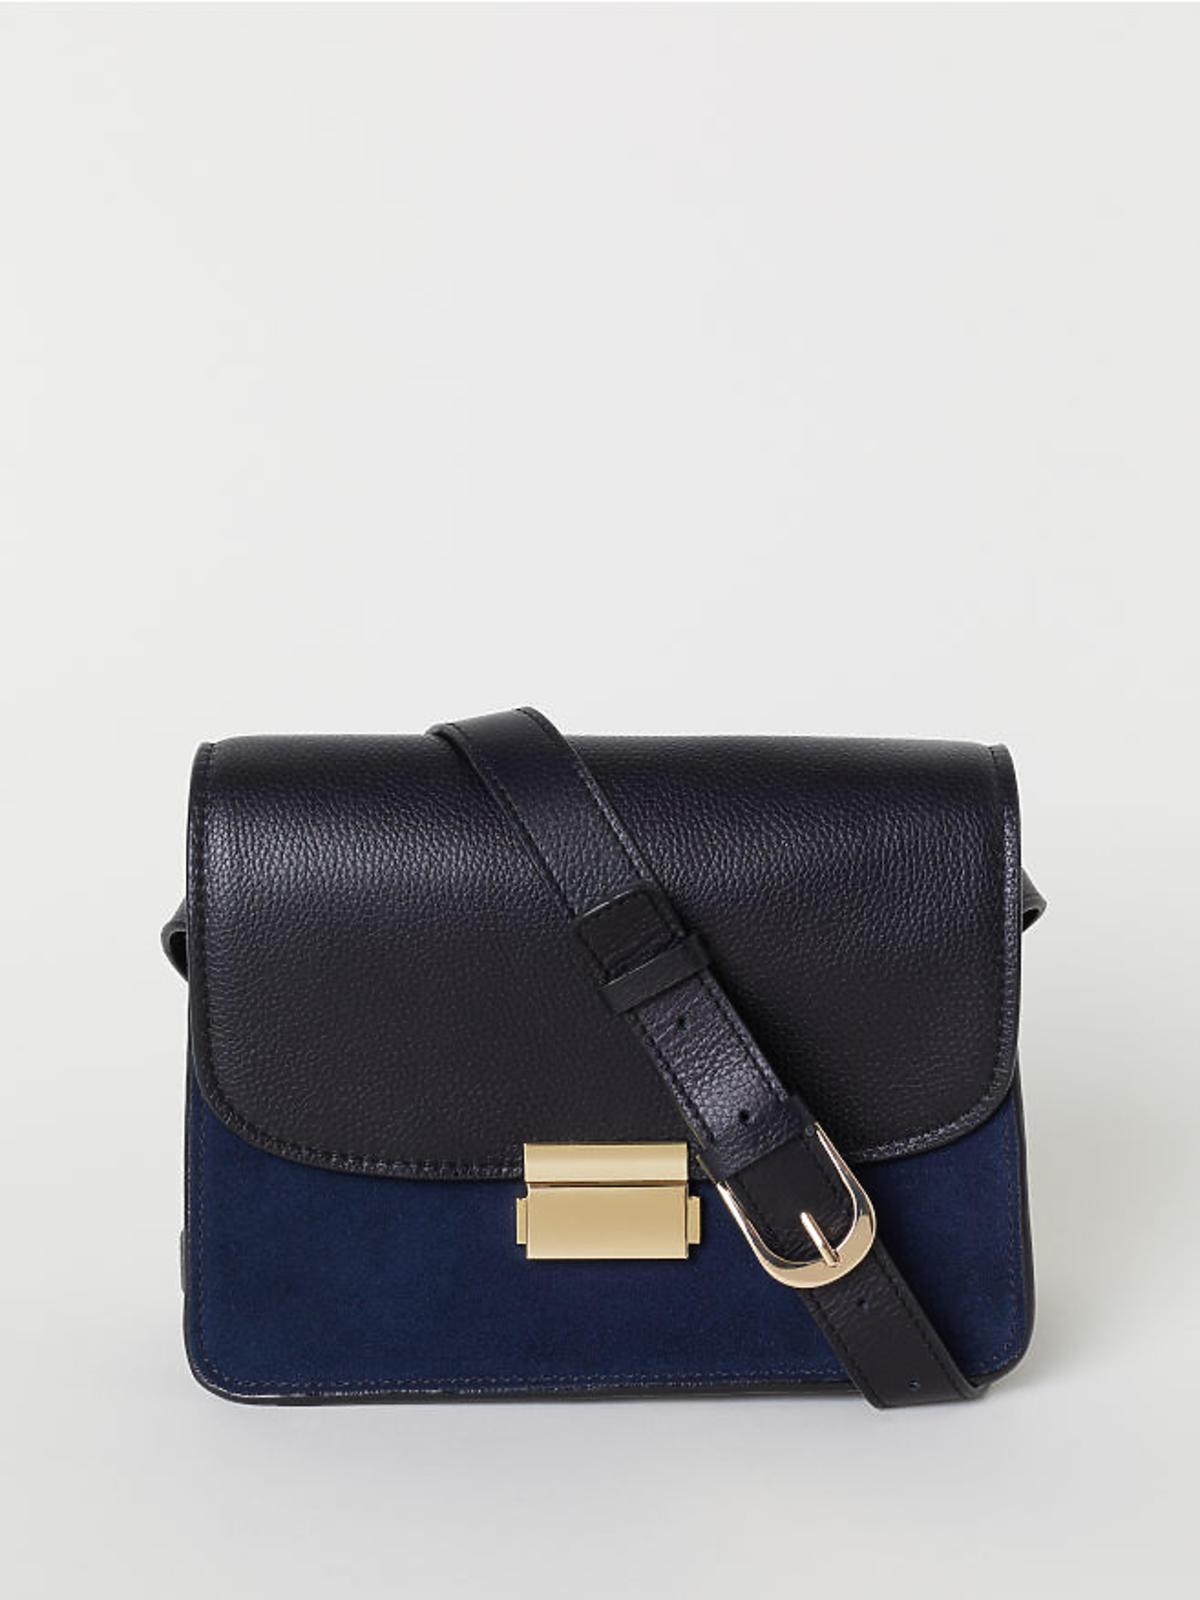 Mała torebka na ramię H&M cena 229,90 zł